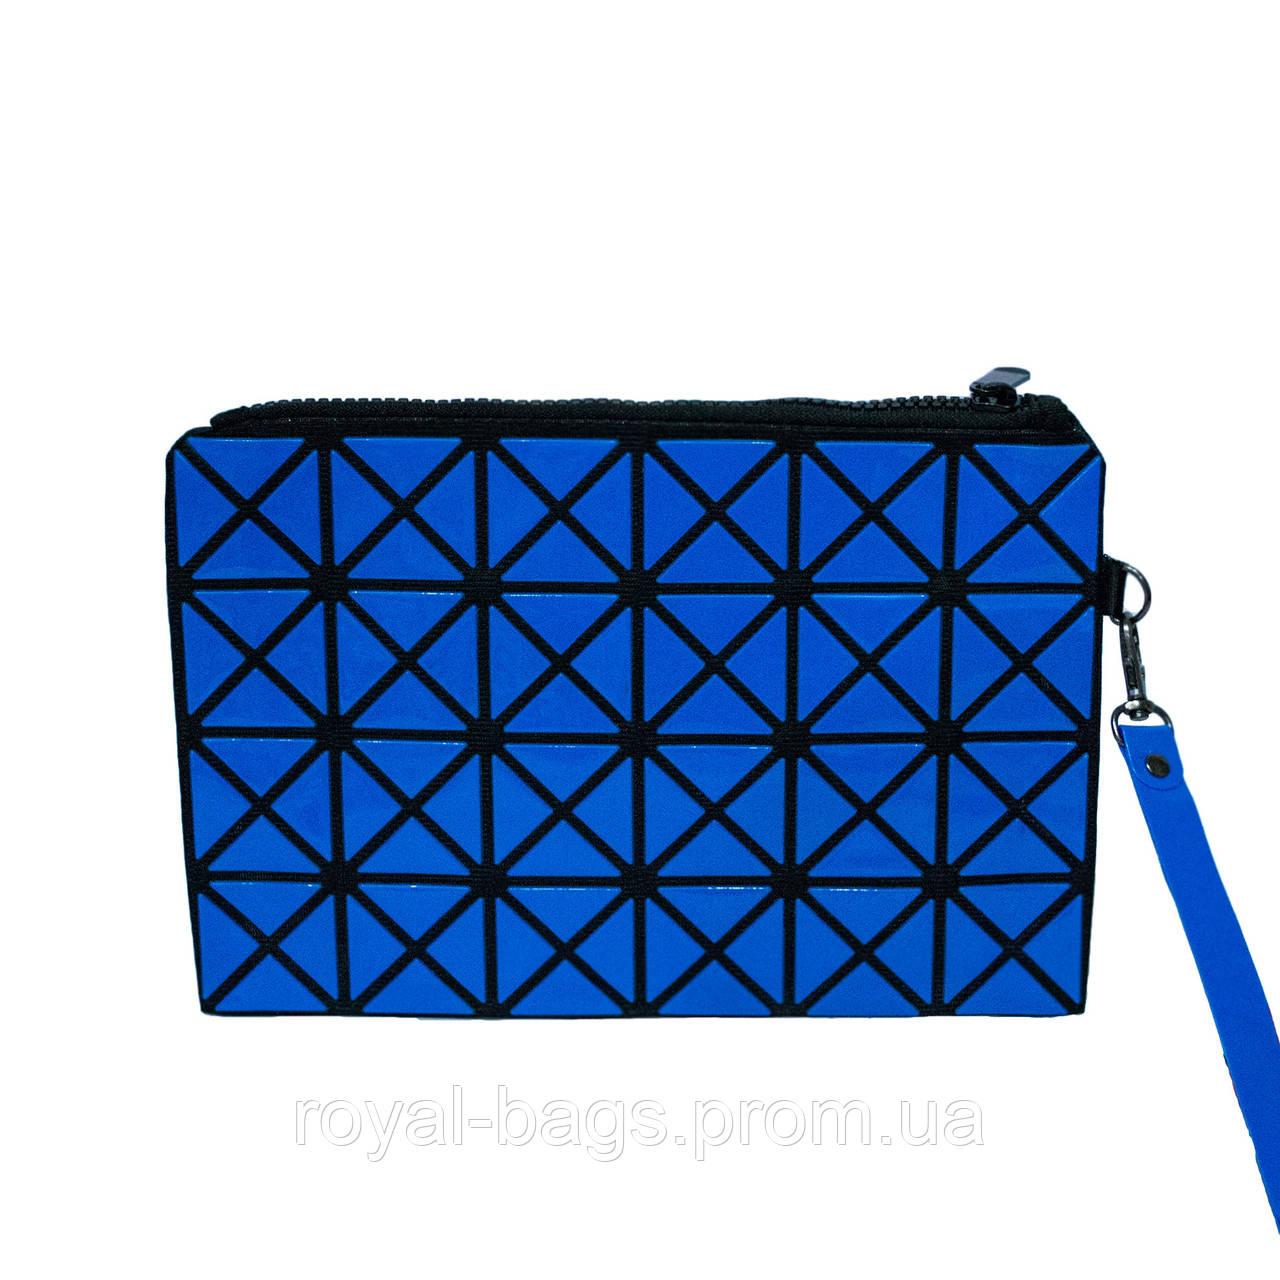 Косметичка-Трансформер 8 Цветов Синий